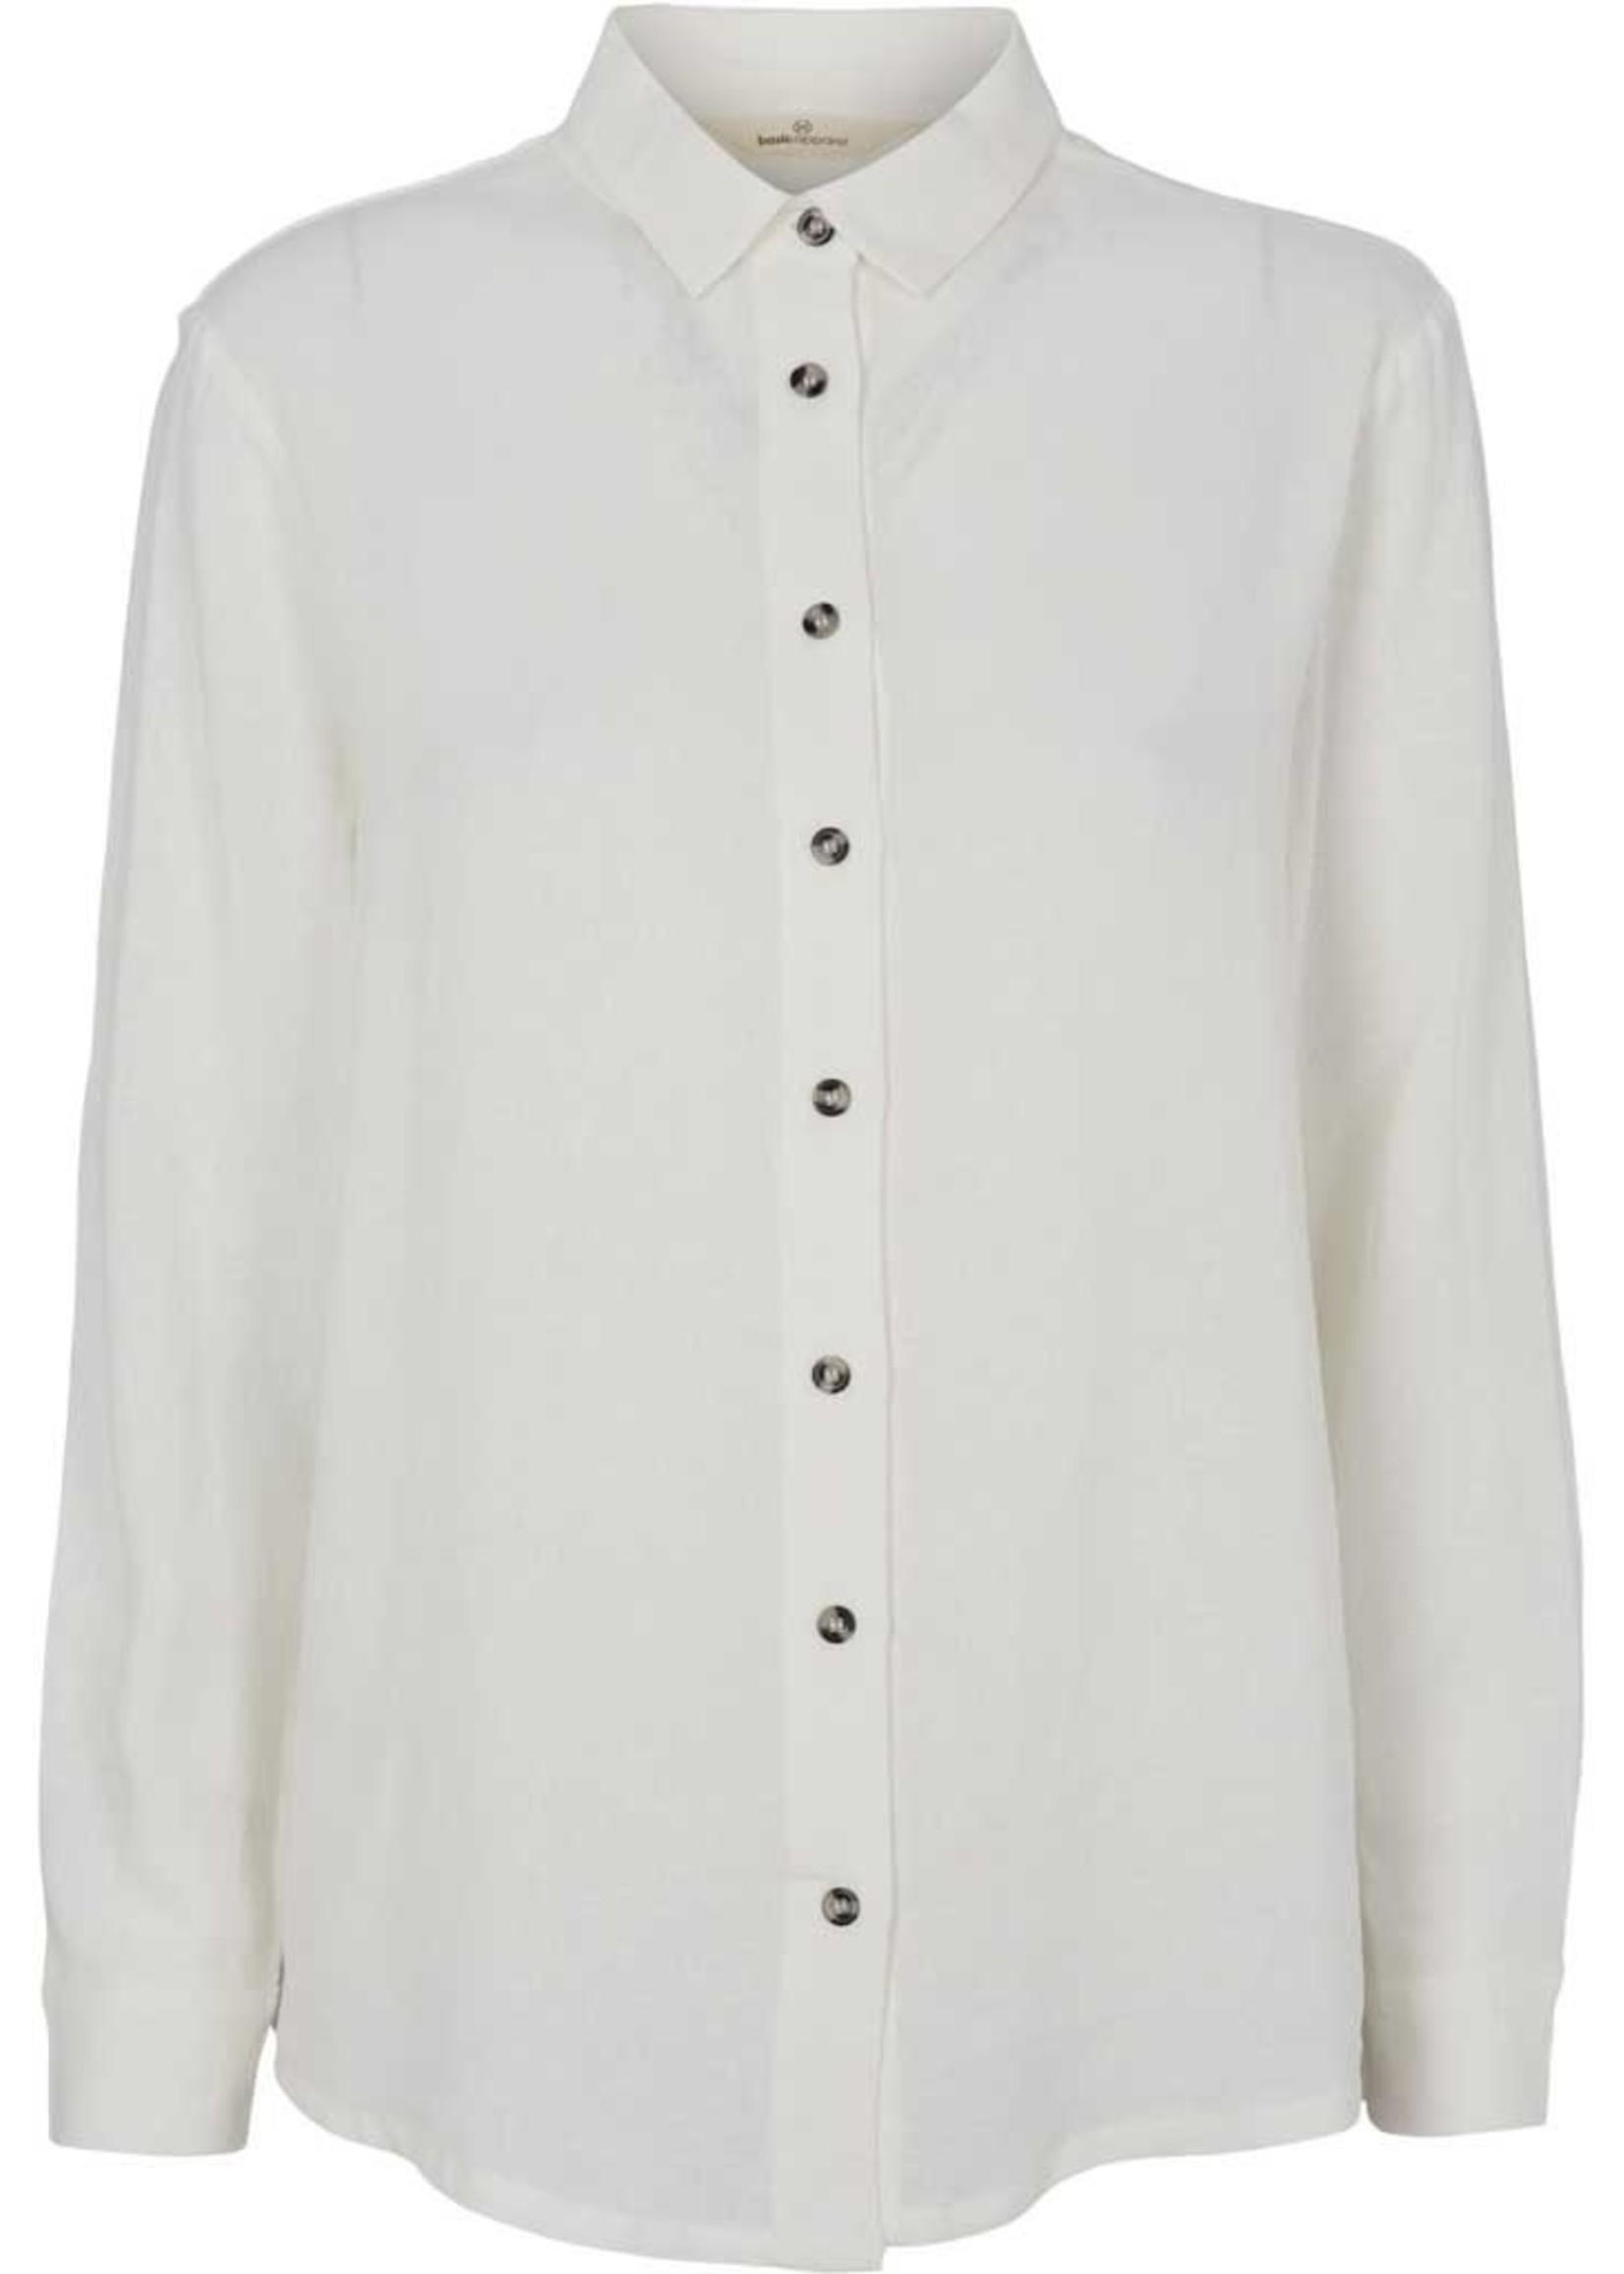 Basic Apparel Trine Shirt